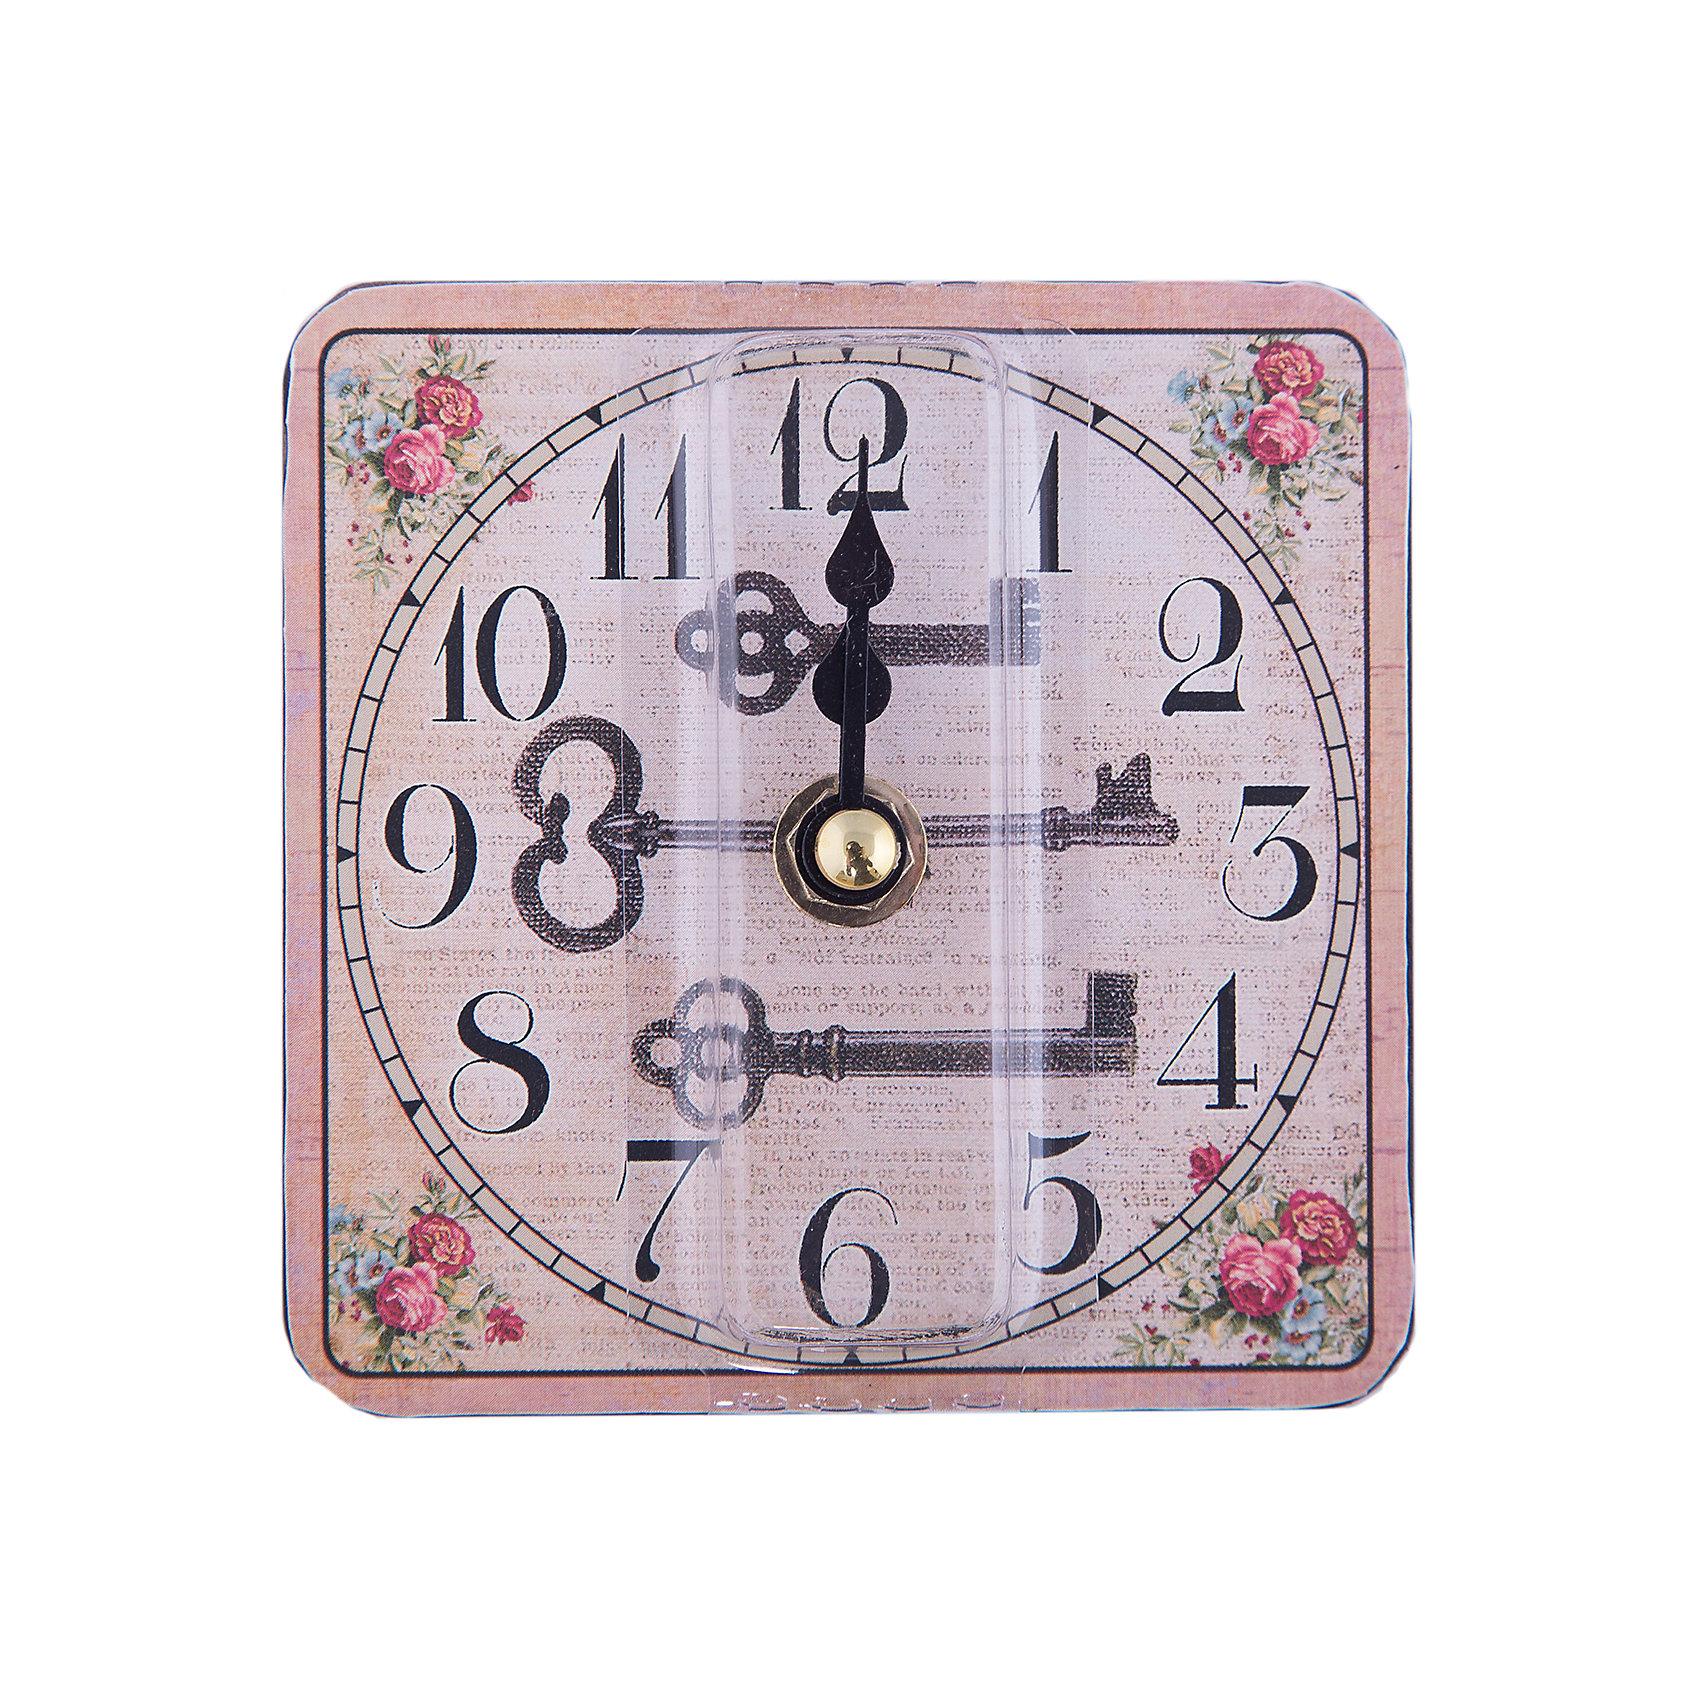 Часы настольные Волшебный ключик кварцевые, с циферблатом, Феникс-ПрезентДетские предметы интерьера<br>Часы настольные Волшебный ключик кварцевые, с циферблатом, Феникс-Презент<br><br>Характеристики:<br><br>• яркий рисунок<br>• тип часов: кварцевые<br>• размер: 10х10 см<br>• материал: МДФ<br>• батарейки: АА - 1 шт. (не входит в комплект)<br><br>Настольные часы Волшебный ключик всегда подскажут вам точное время, а также украсят интерьер комнаты. Часы изготовлены из МДФ. Циферблат оформлен красивым рисунком с изображением ключей. На часах расположены две стрелки - минутная и часовая. Сзади располагается надежная подставка для стола.<br><br>Часы настольные Волшебный ключик кварцевые, с циферблатом, Феникс-Презент вы можете купить в нашем интернет-магазине.<br><br>Ширина мм: 100<br>Глубина мм: 100<br>Высота мм: 100<br>Вес г: 177<br>Возраст от месяцев: 120<br>Возраст до месяцев: 2147483647<br>Пол: Унисекс<br>Возраст: Детский<br>SKU: 5449703